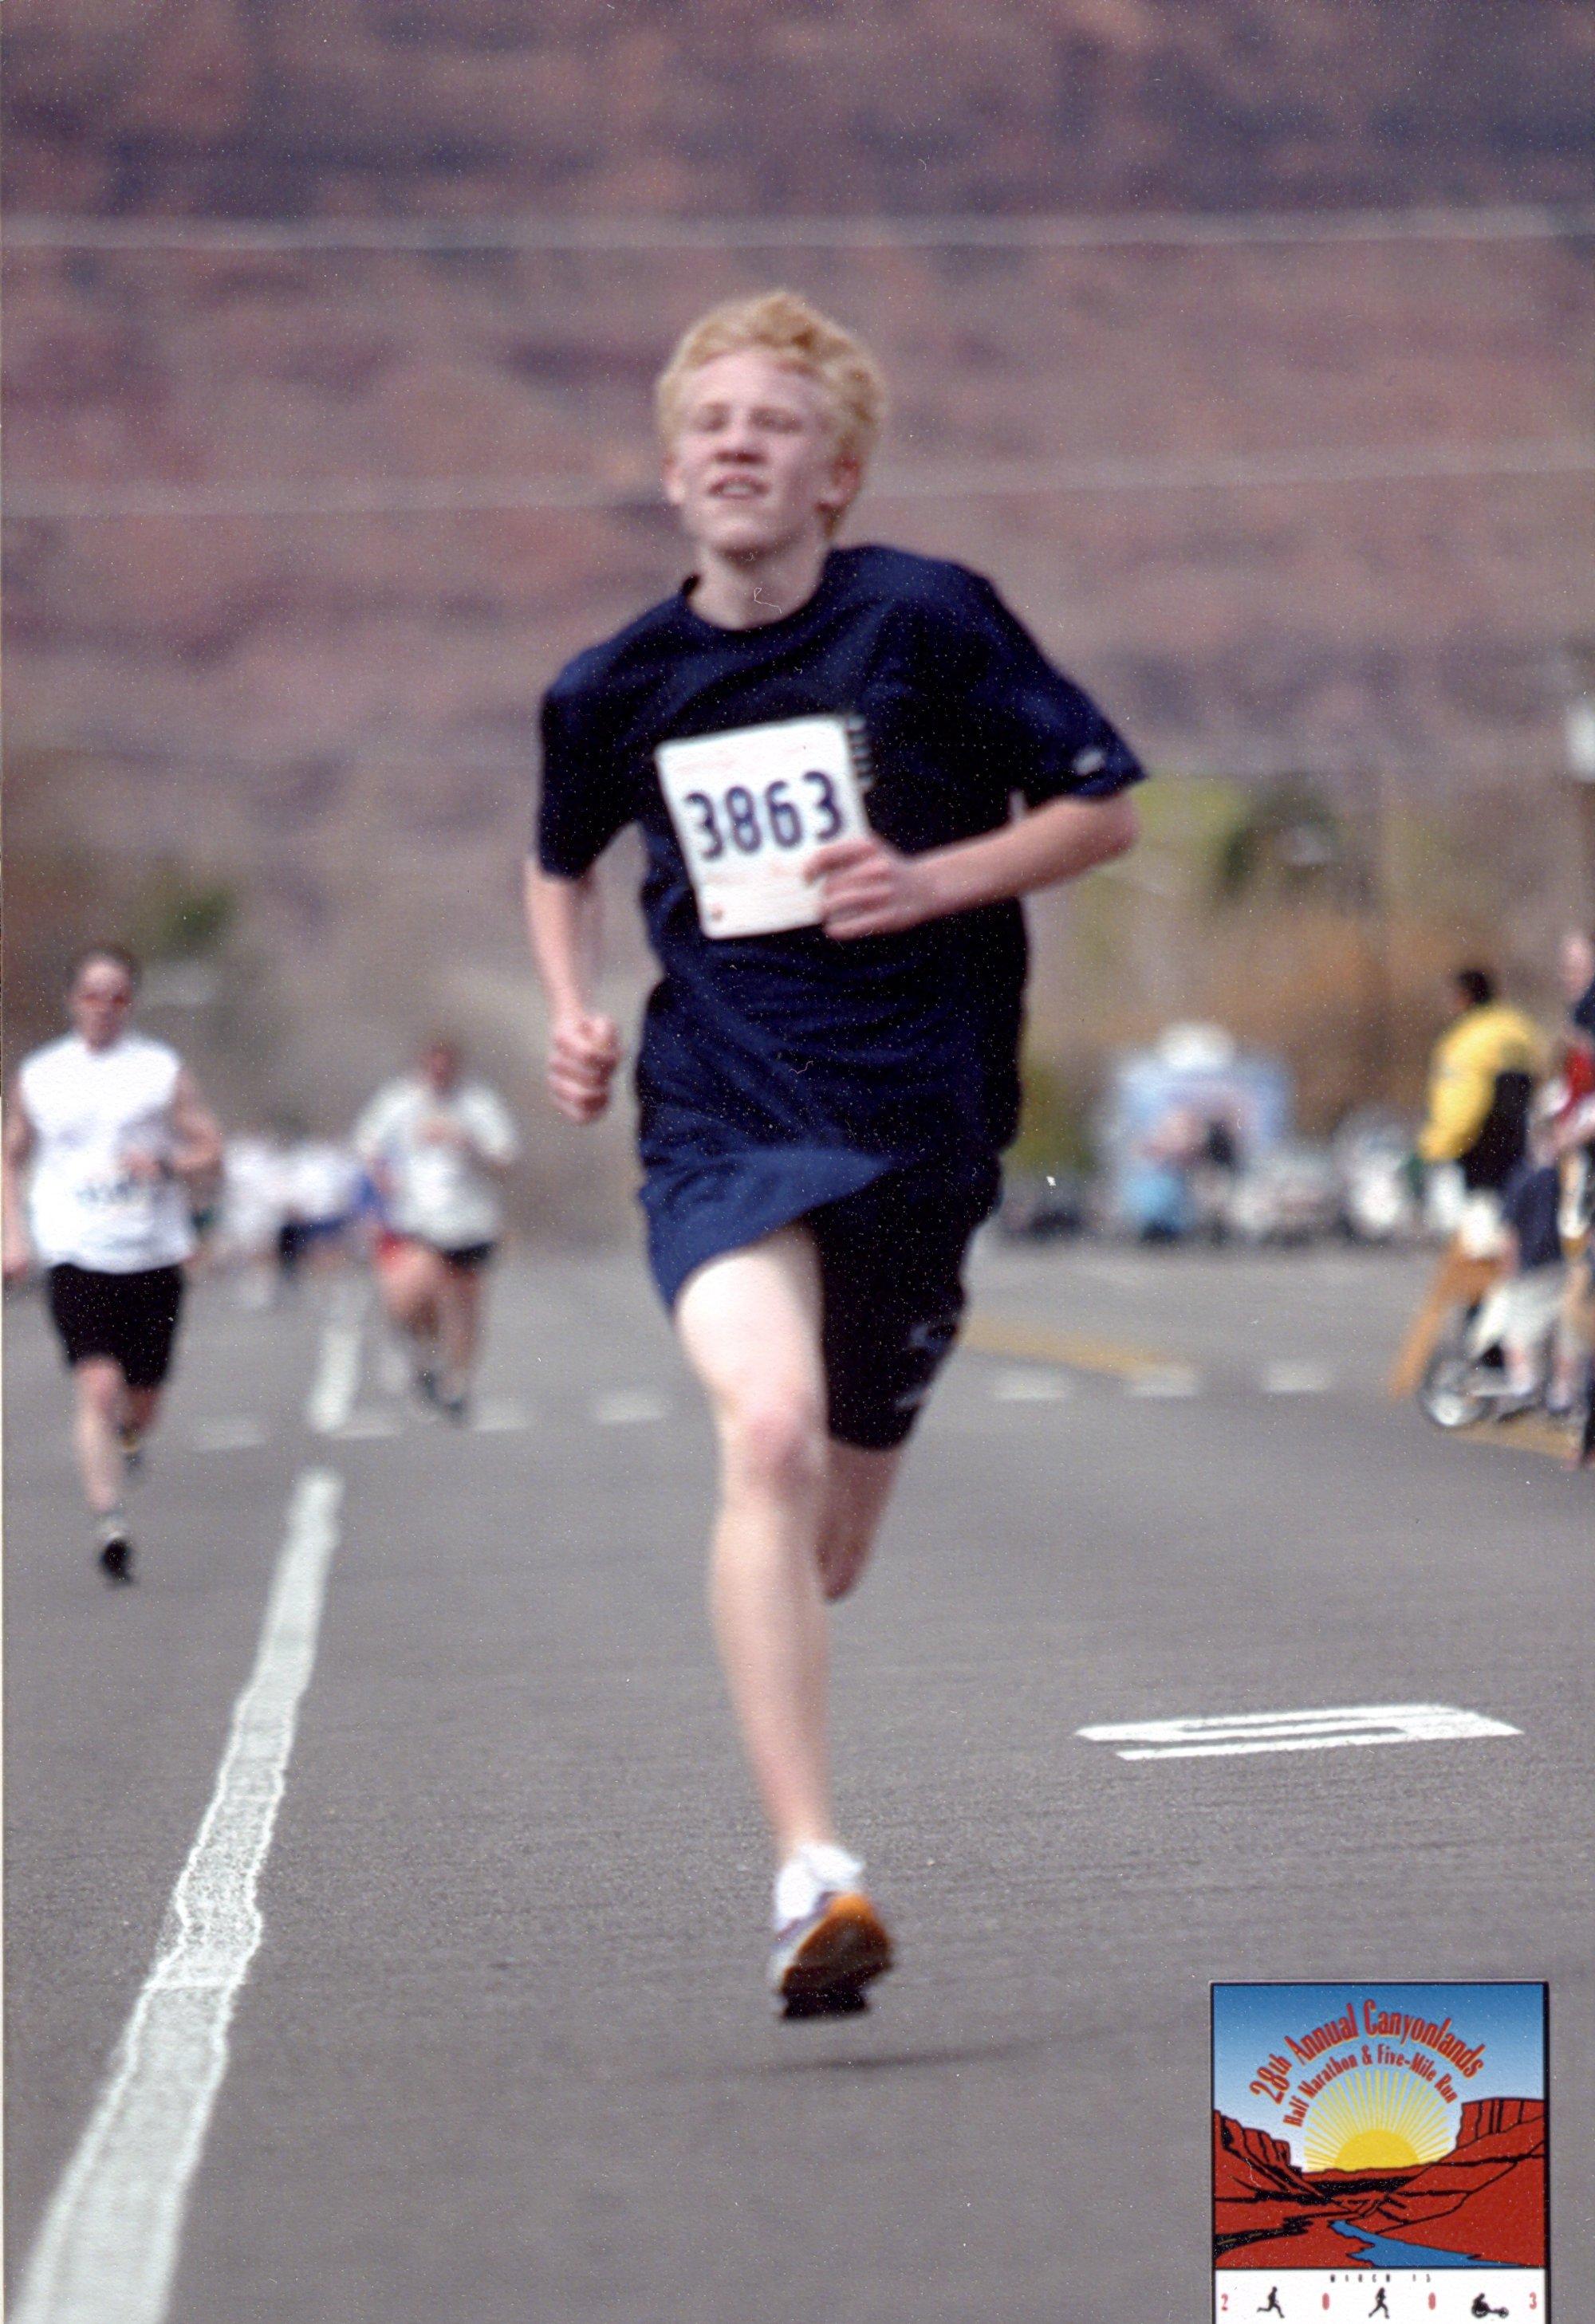 Steven Running race in Moab, Utah - March 15, 2003.jpg